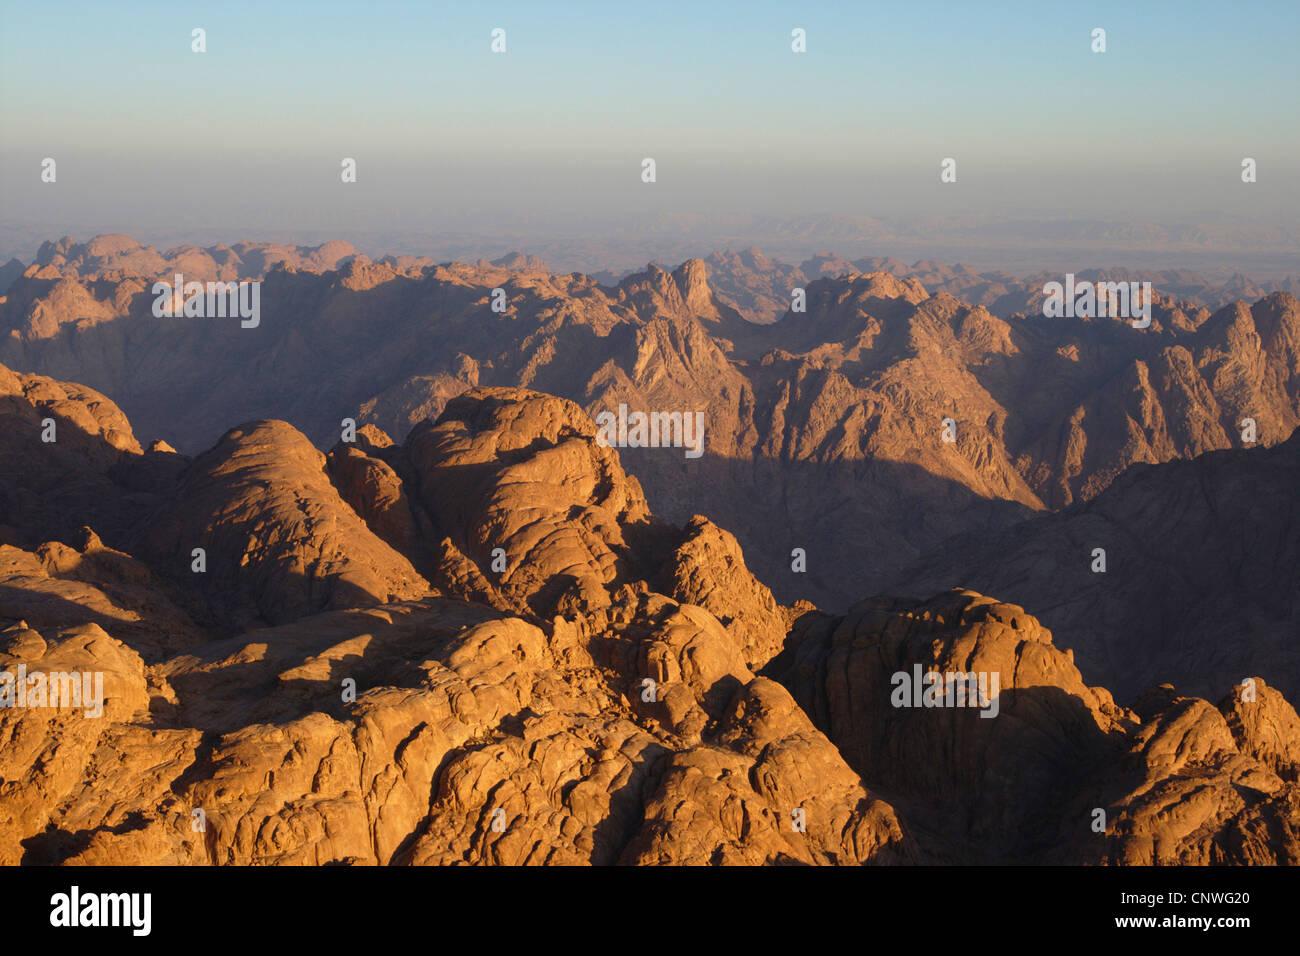 view from Mount Sinai, Egypt, Sinai - Stock Image